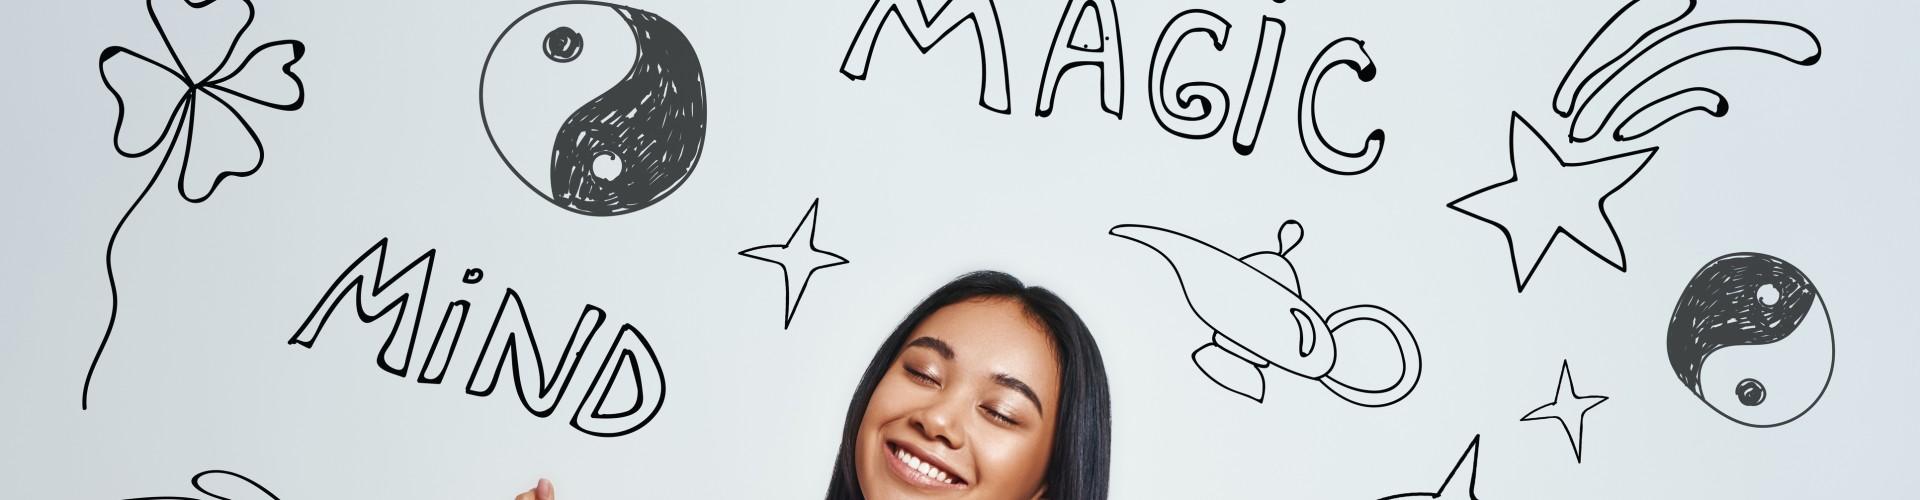 Mentalisme van Magic Smiling World